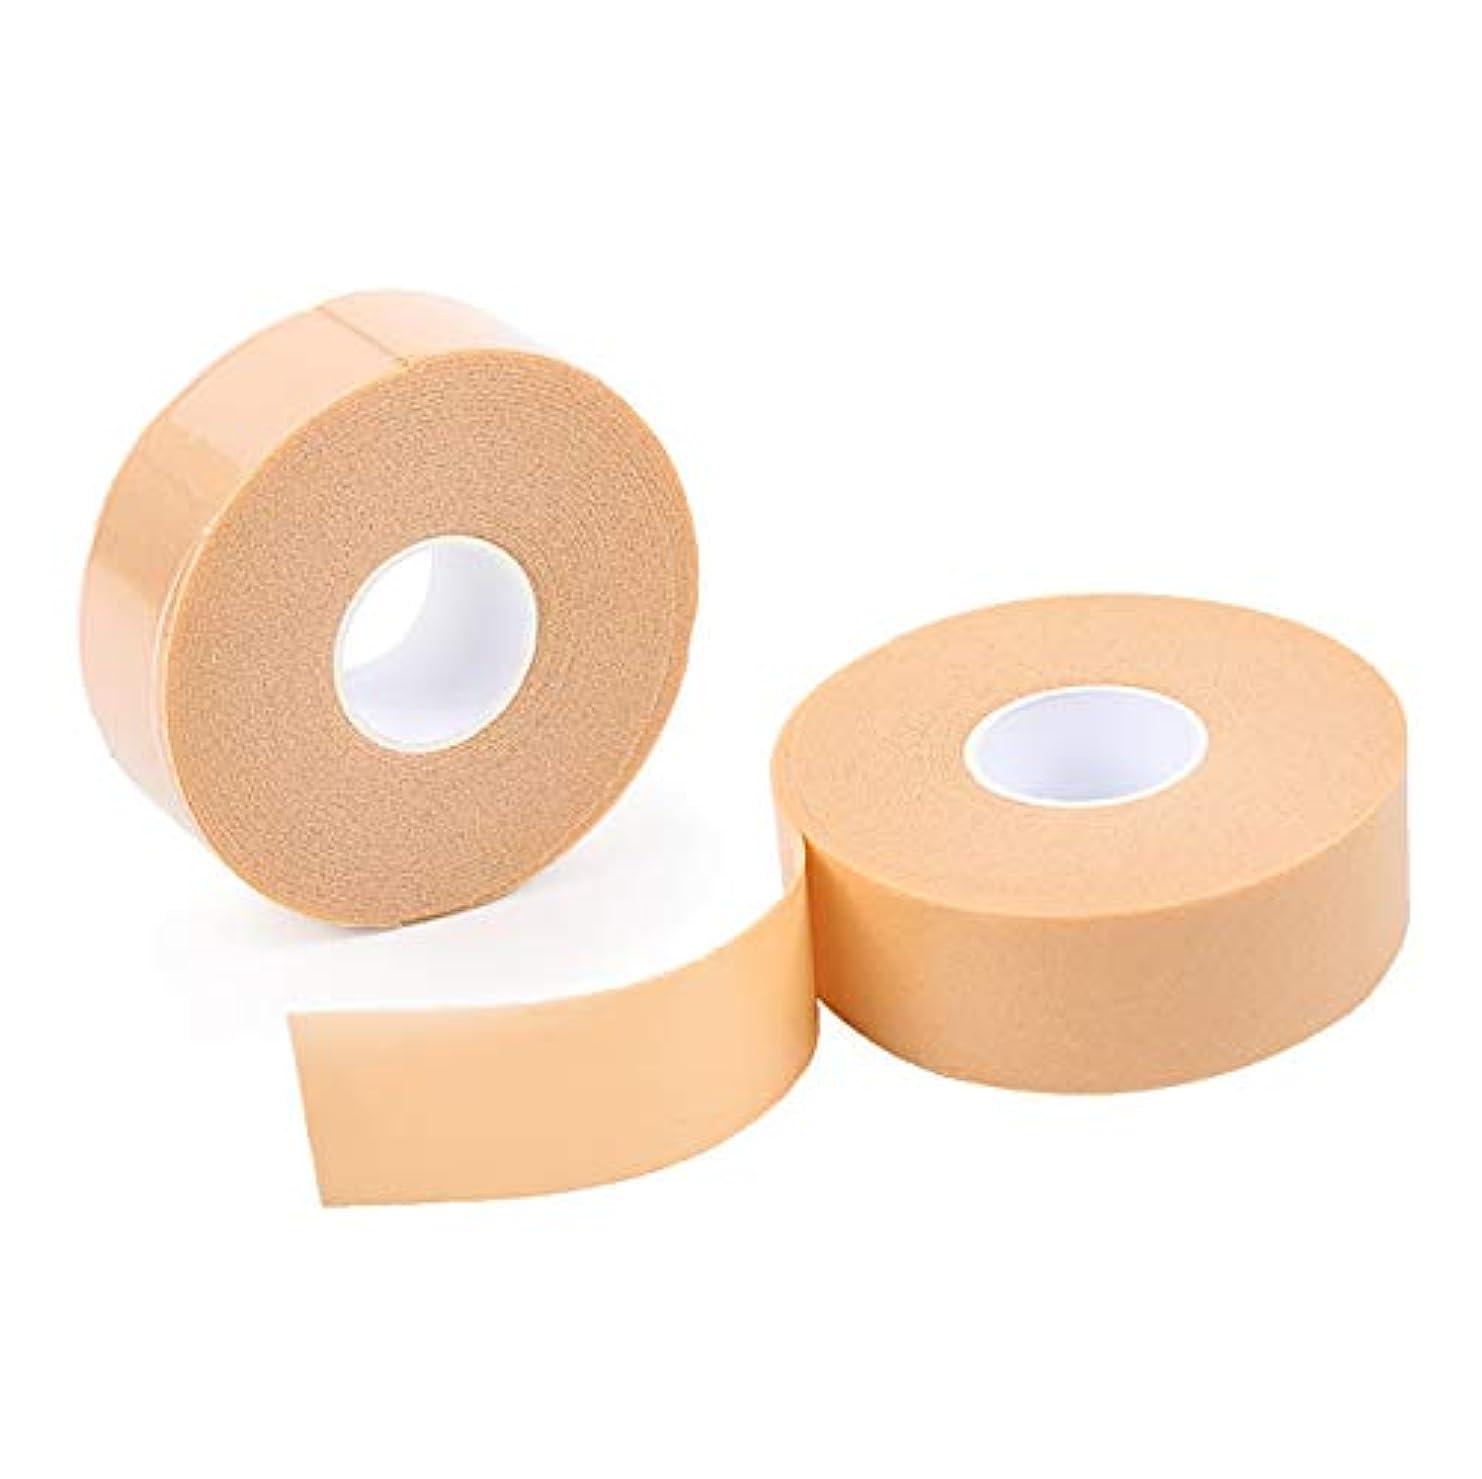 見て拷問シェアHAMILO 保護テープ 靴ズレ かかと 足用パッド 傷テープ 厚手タイプ 手で切れる 滑り止め (4個セット)